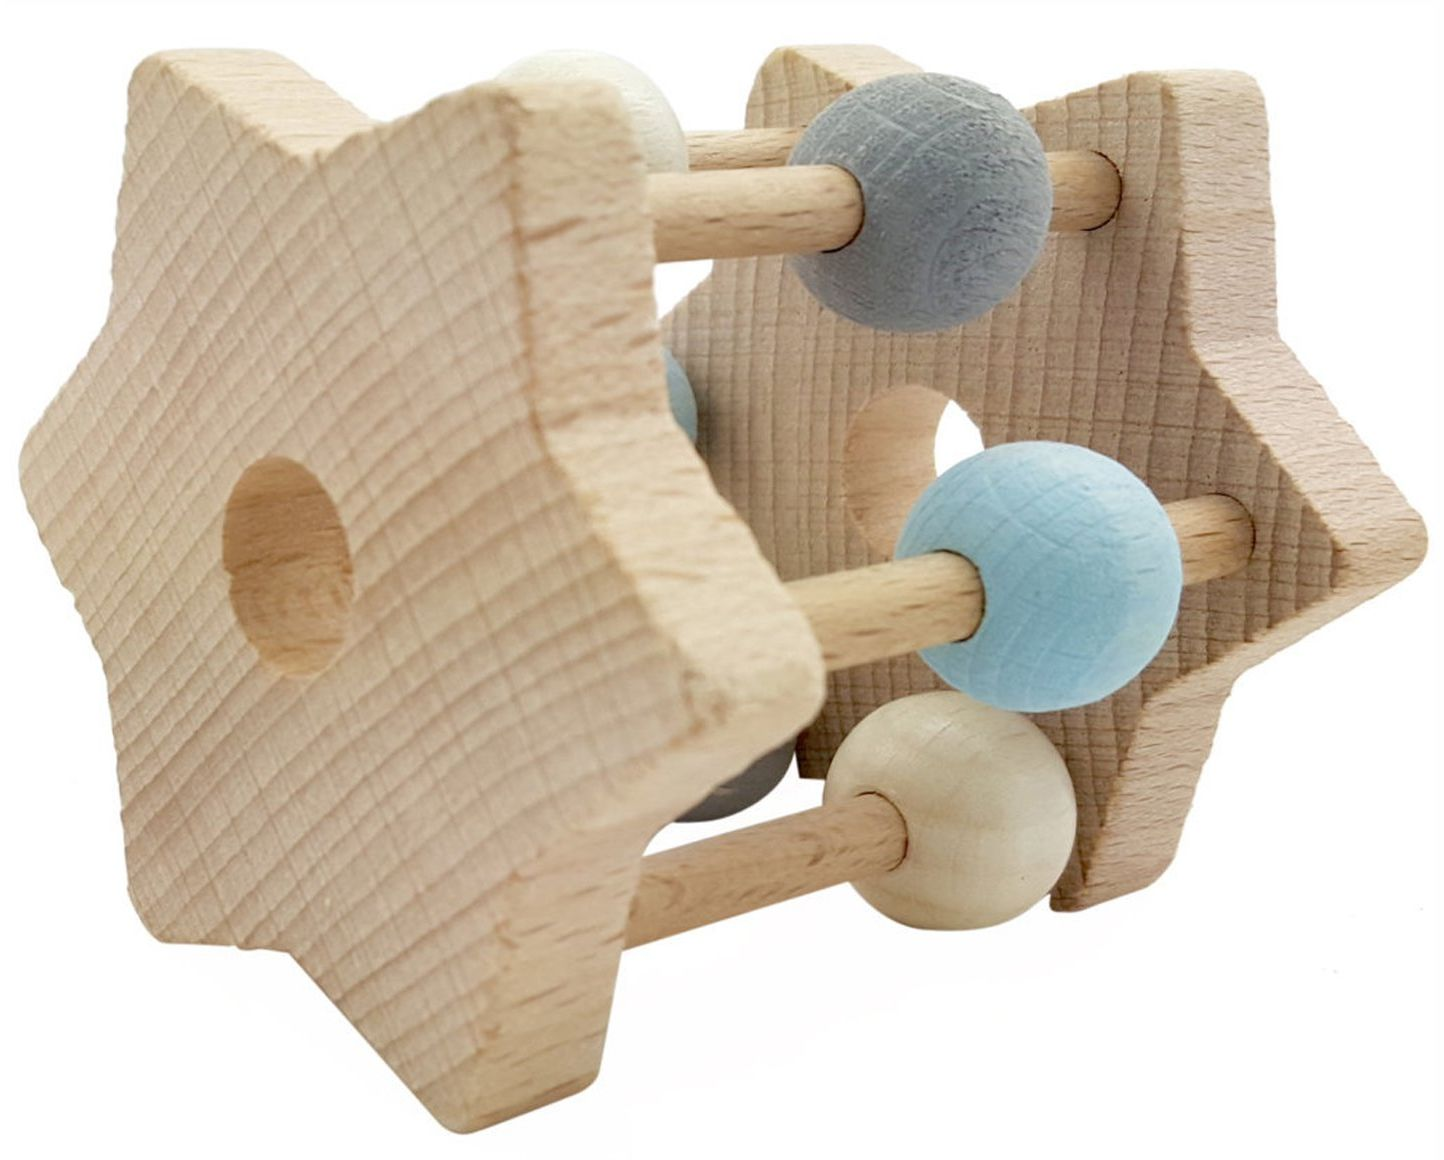 Hess 11002 - drewniana zabawka, grzechotka z gwiazdą z drewna, naturalny niebieski